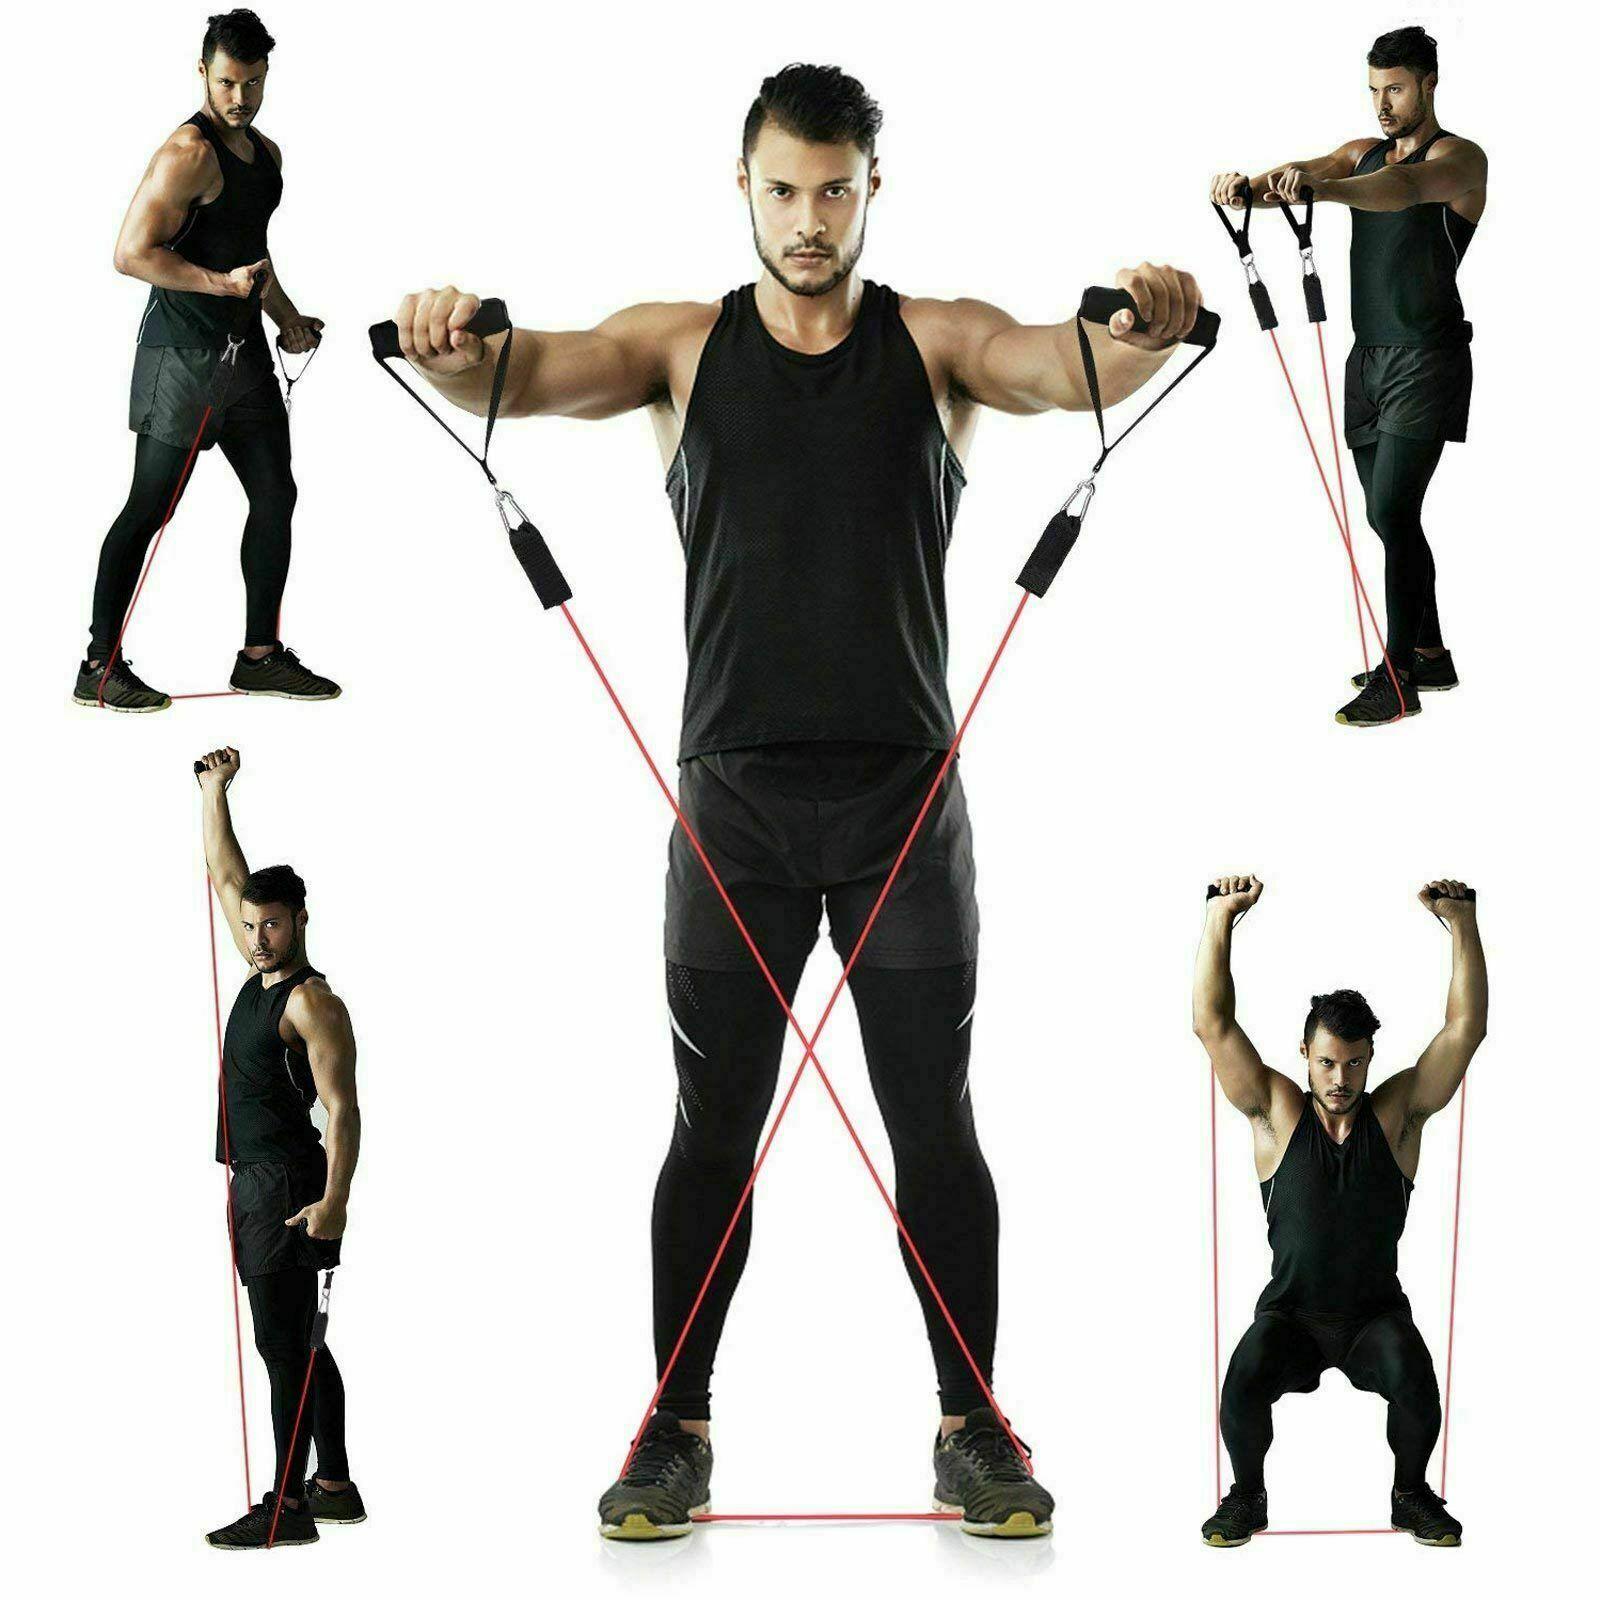 все упражнения с эспандером в картинках спешим поделиться тобой